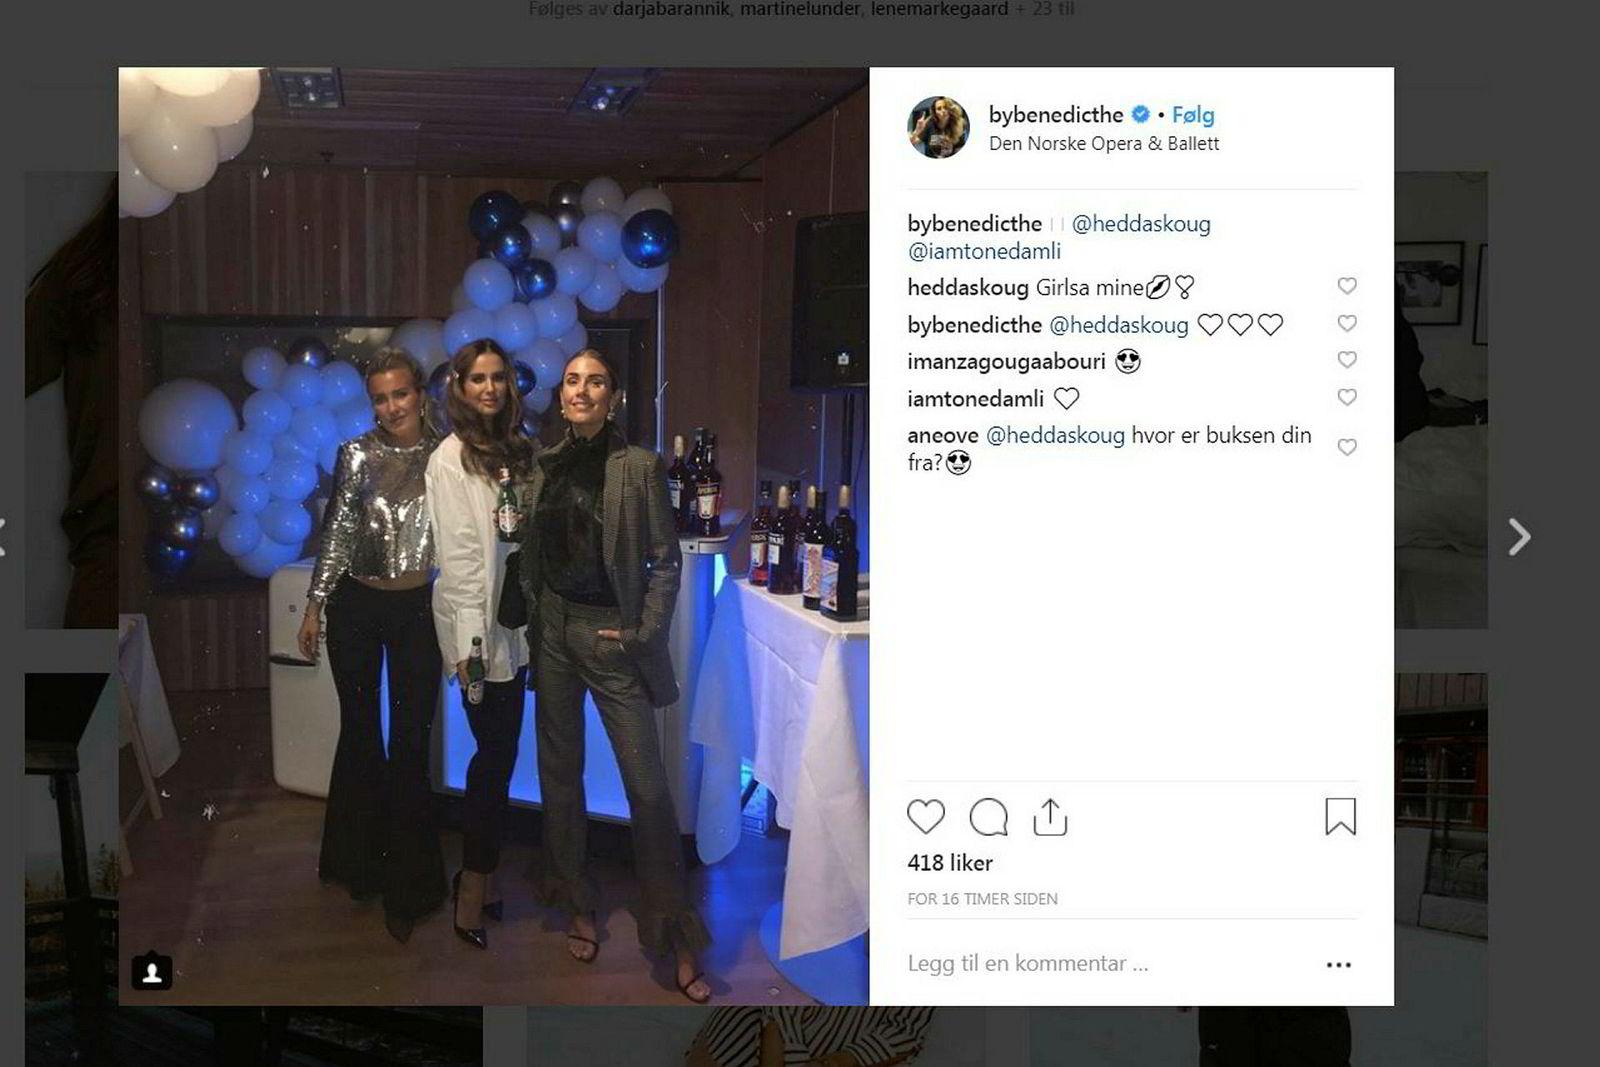 Hedda Skoug, Benedicthe Bjerke og Tone Damli Aaberge var til stede på middagsfesten på Operaen. Legg merke til alle alkohol- og ølproduktene i bakgrunnen.